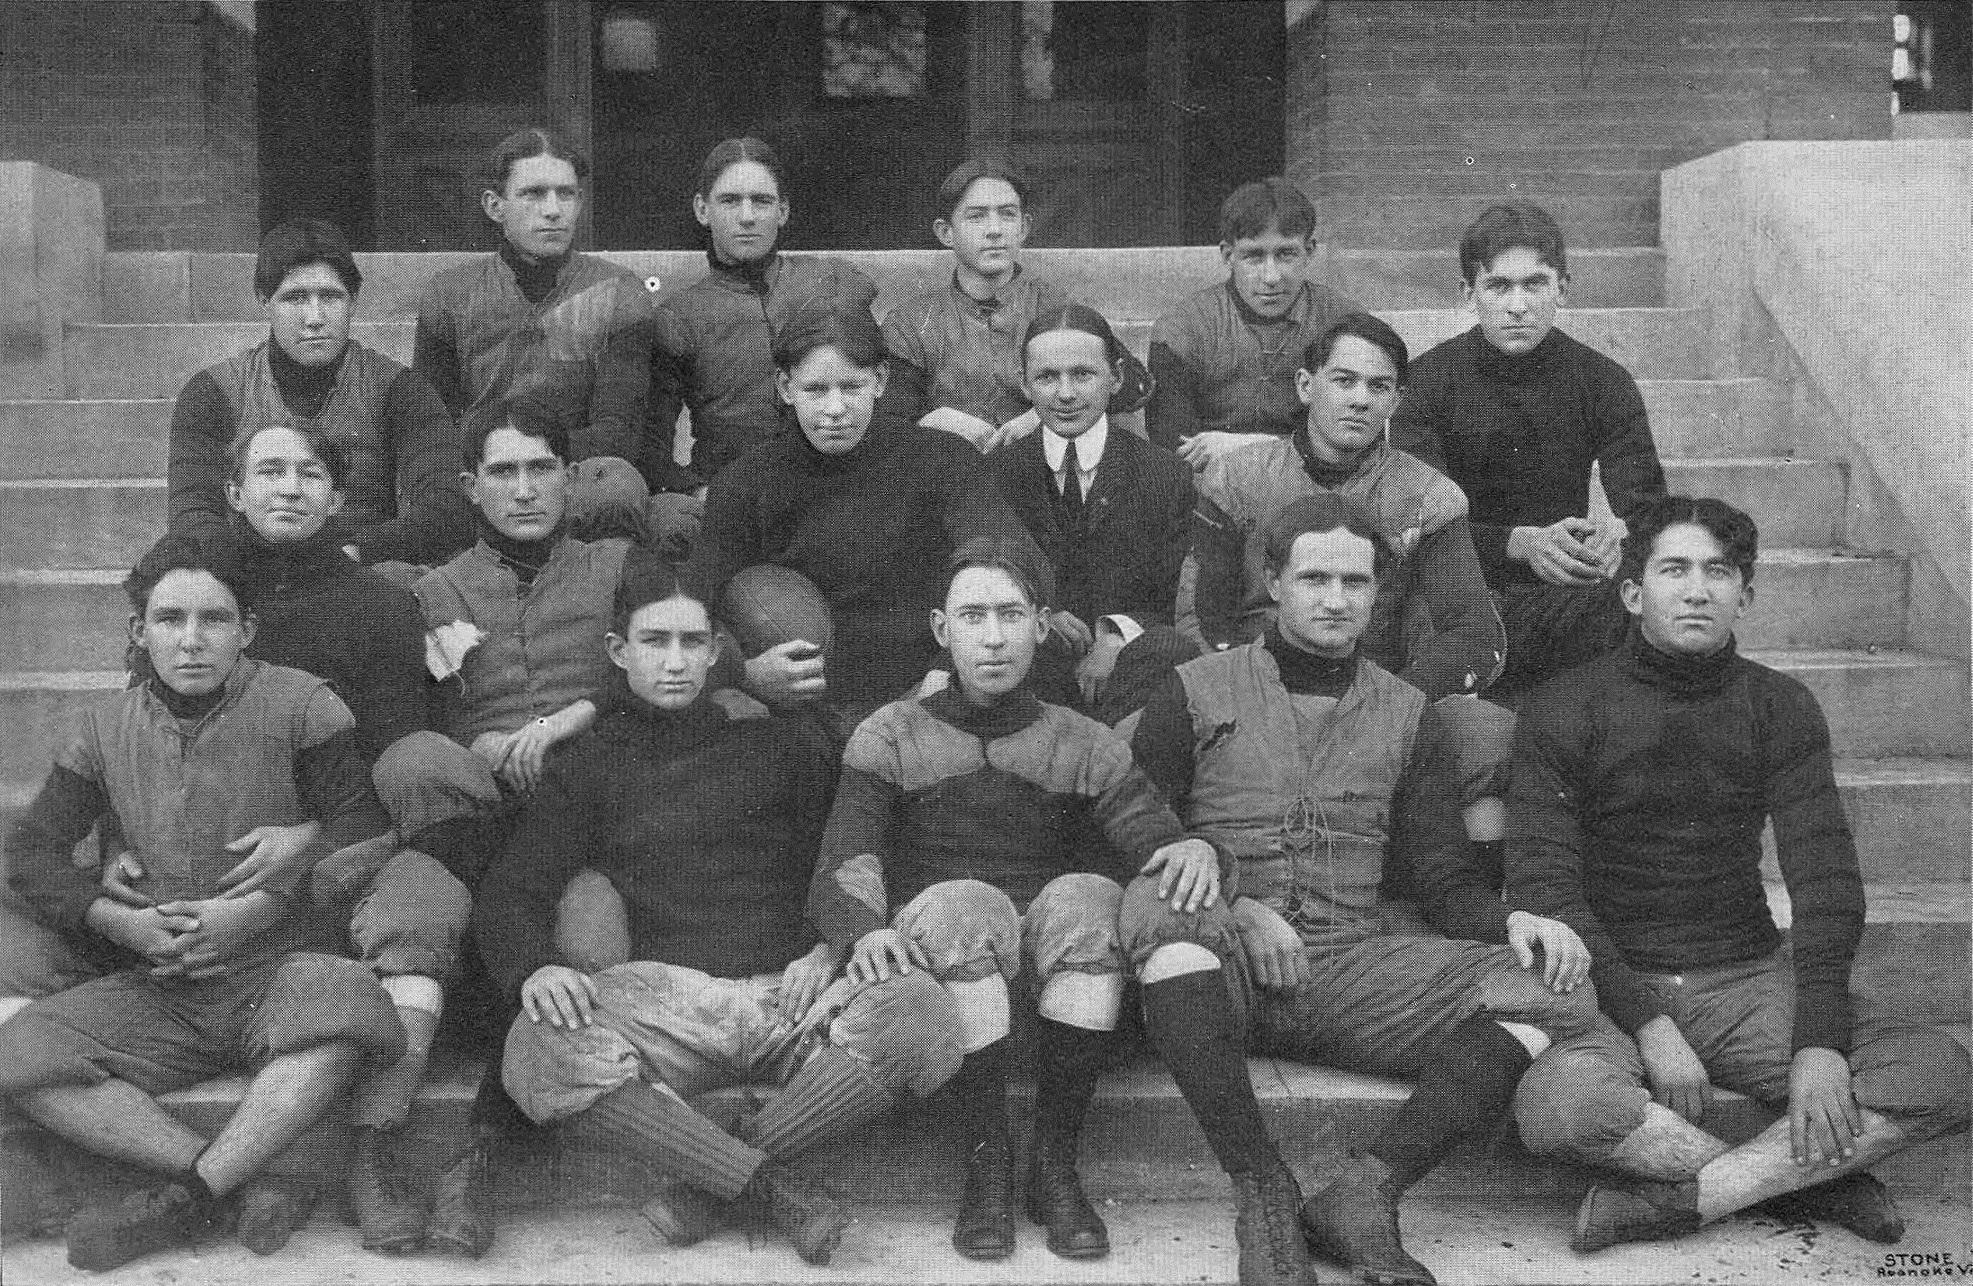 Auburnfootballteam